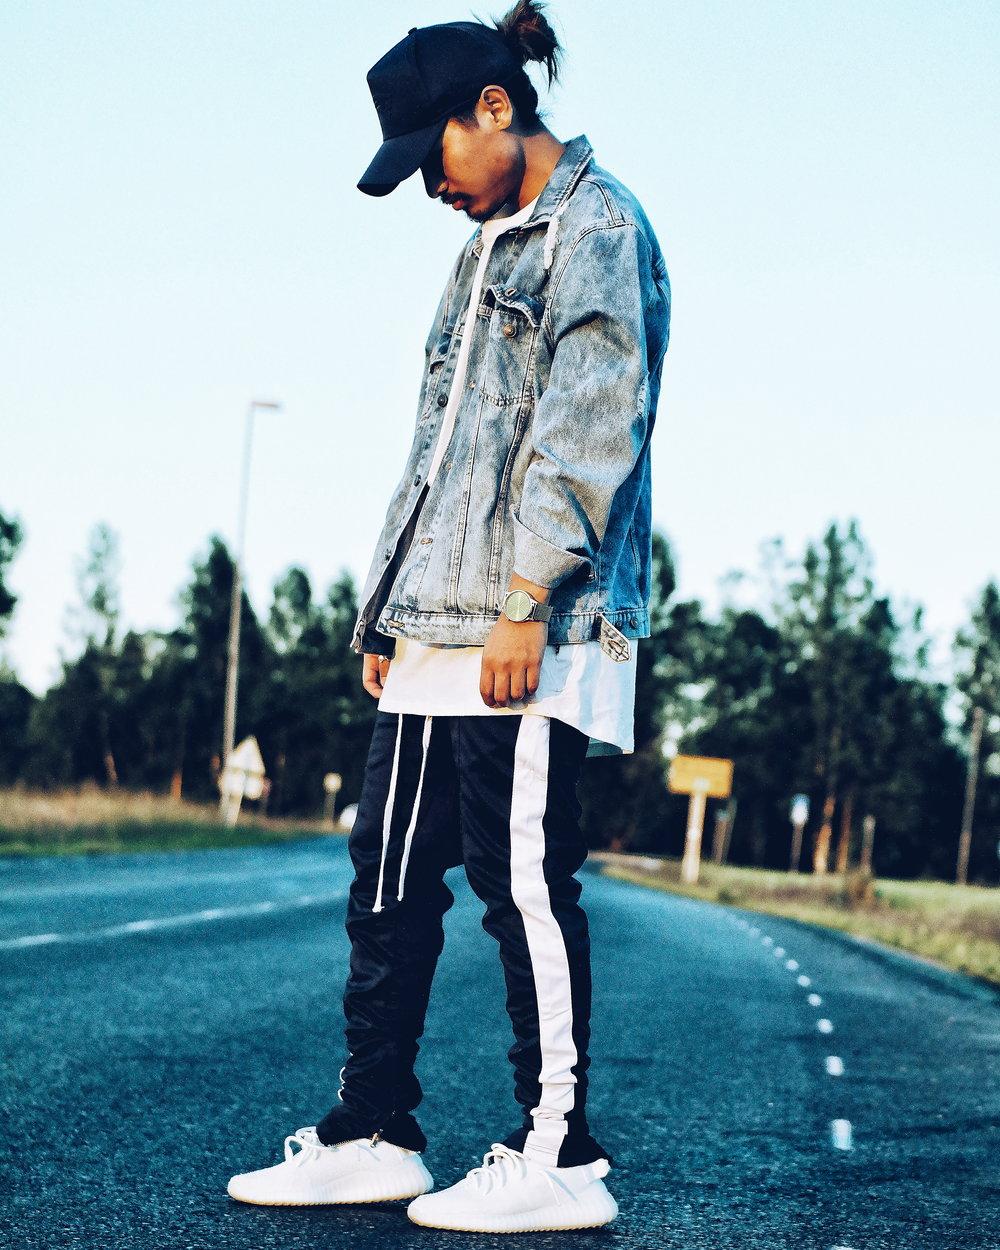 Teddy Upacut's Adidas Street Style